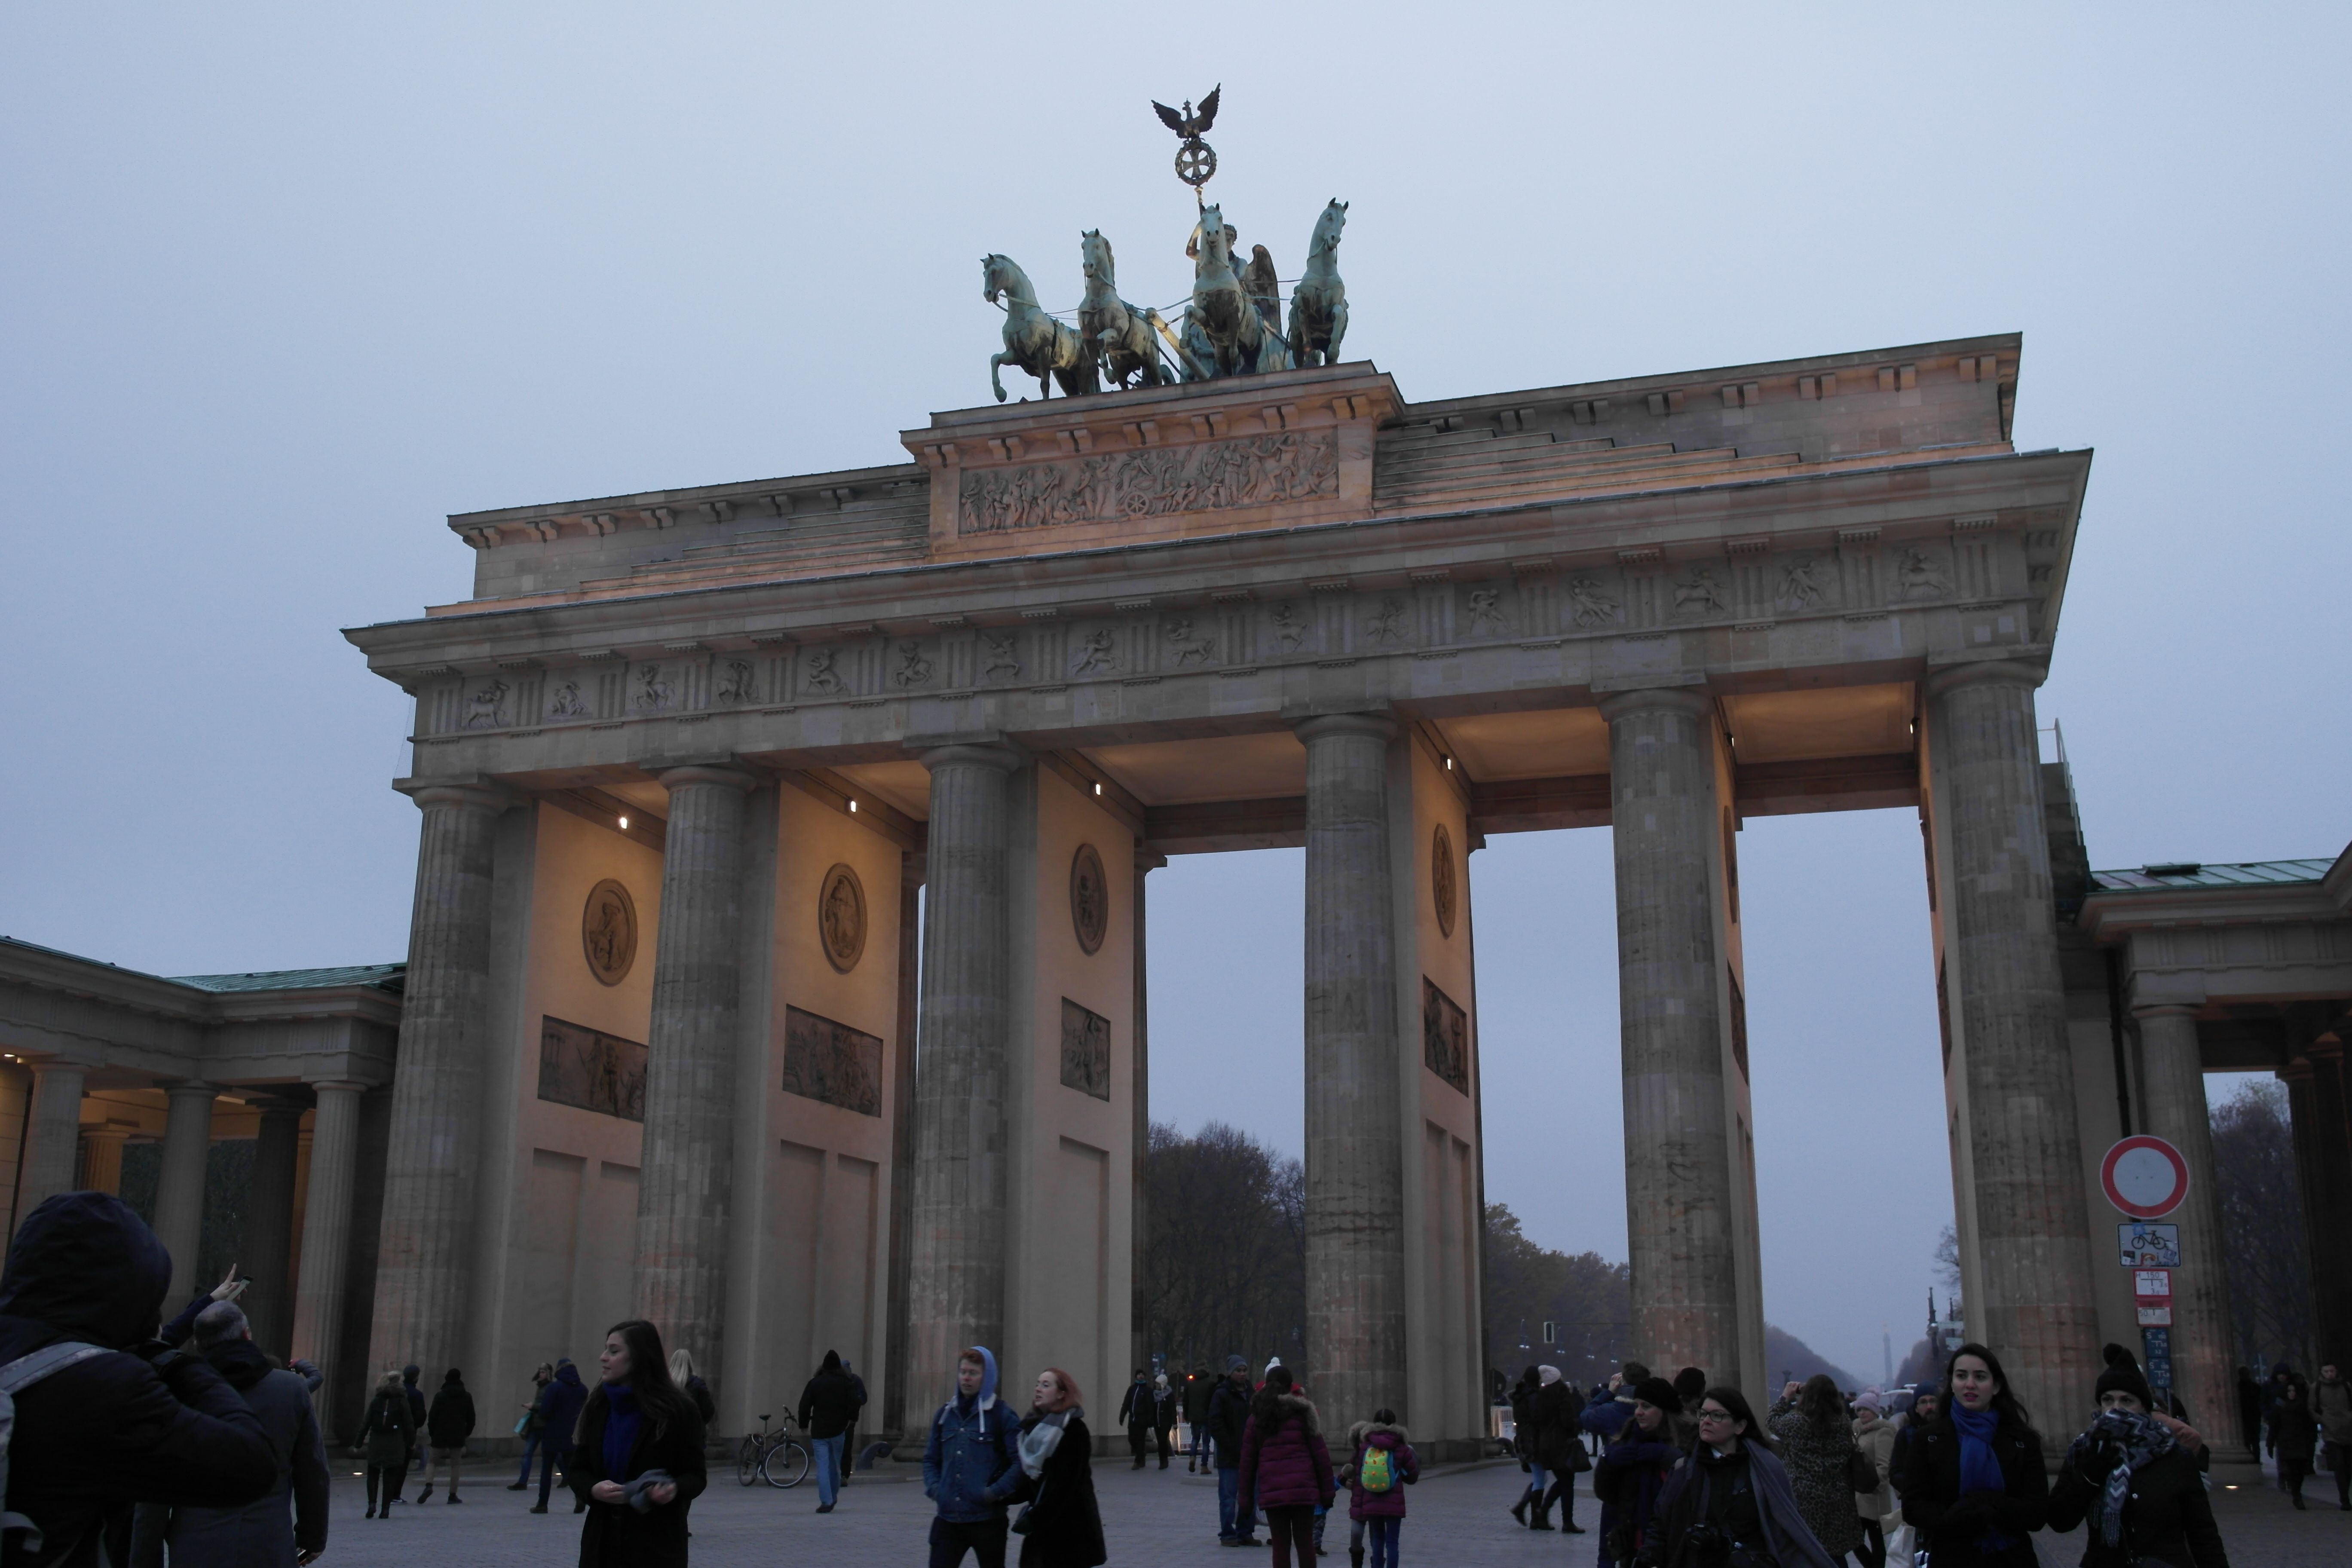 Berlin Brandenburg Gate In 2020 Brandenburg Gate Ferry Building San Francisco Holiday Travel